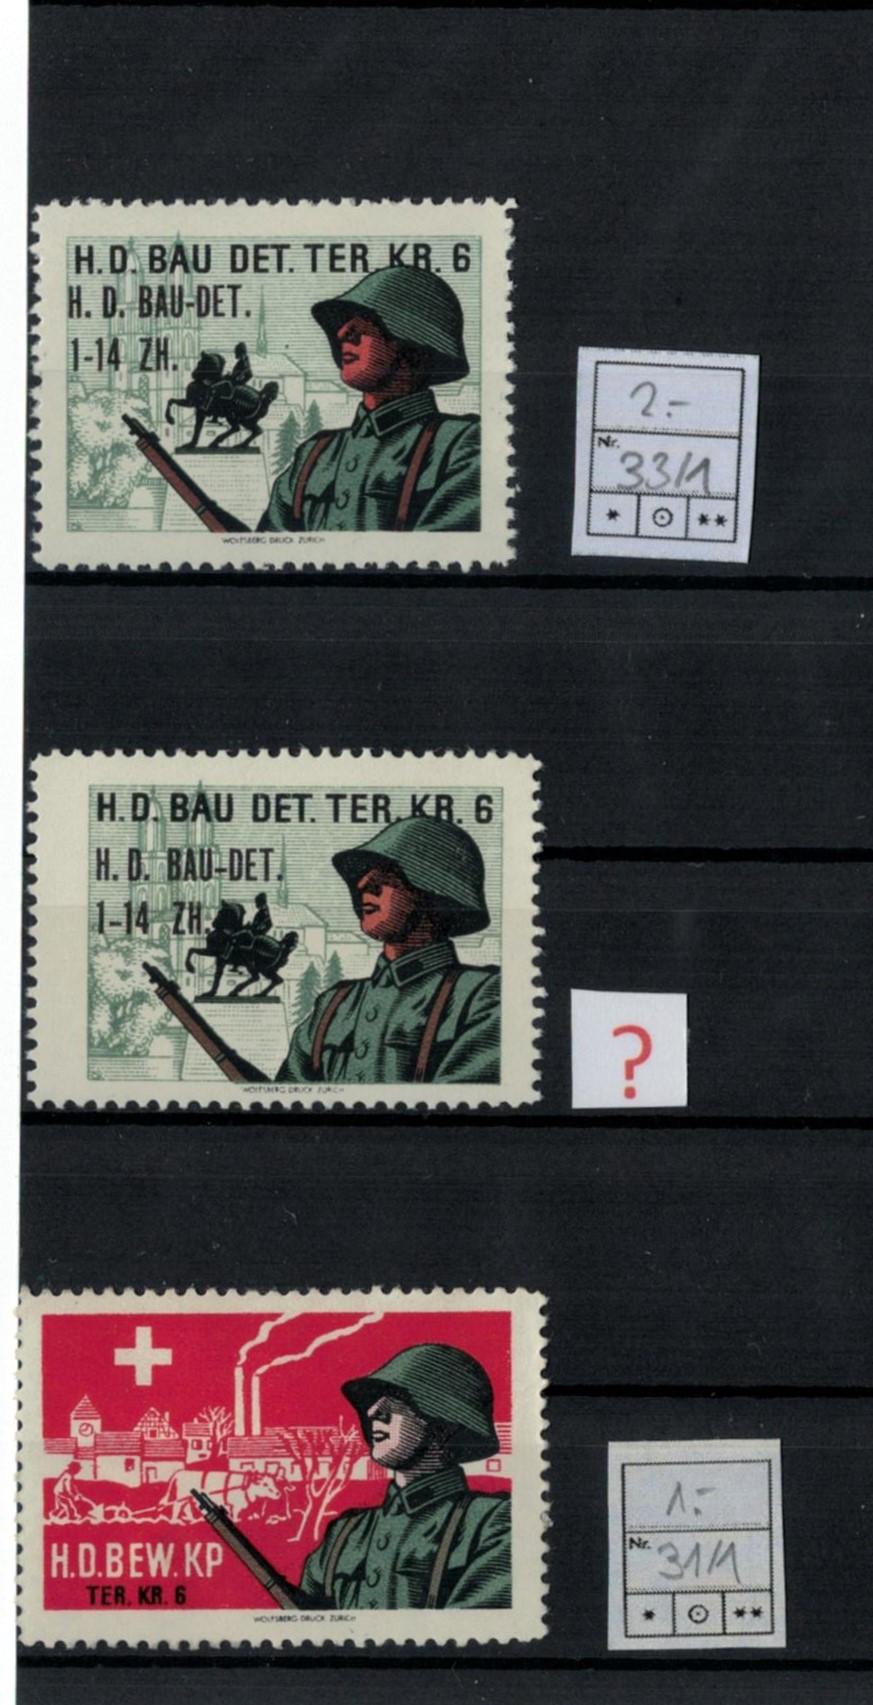 H.D. Bau-Det. 1-14 ZH. Ter. Kr.6 Hdba3310